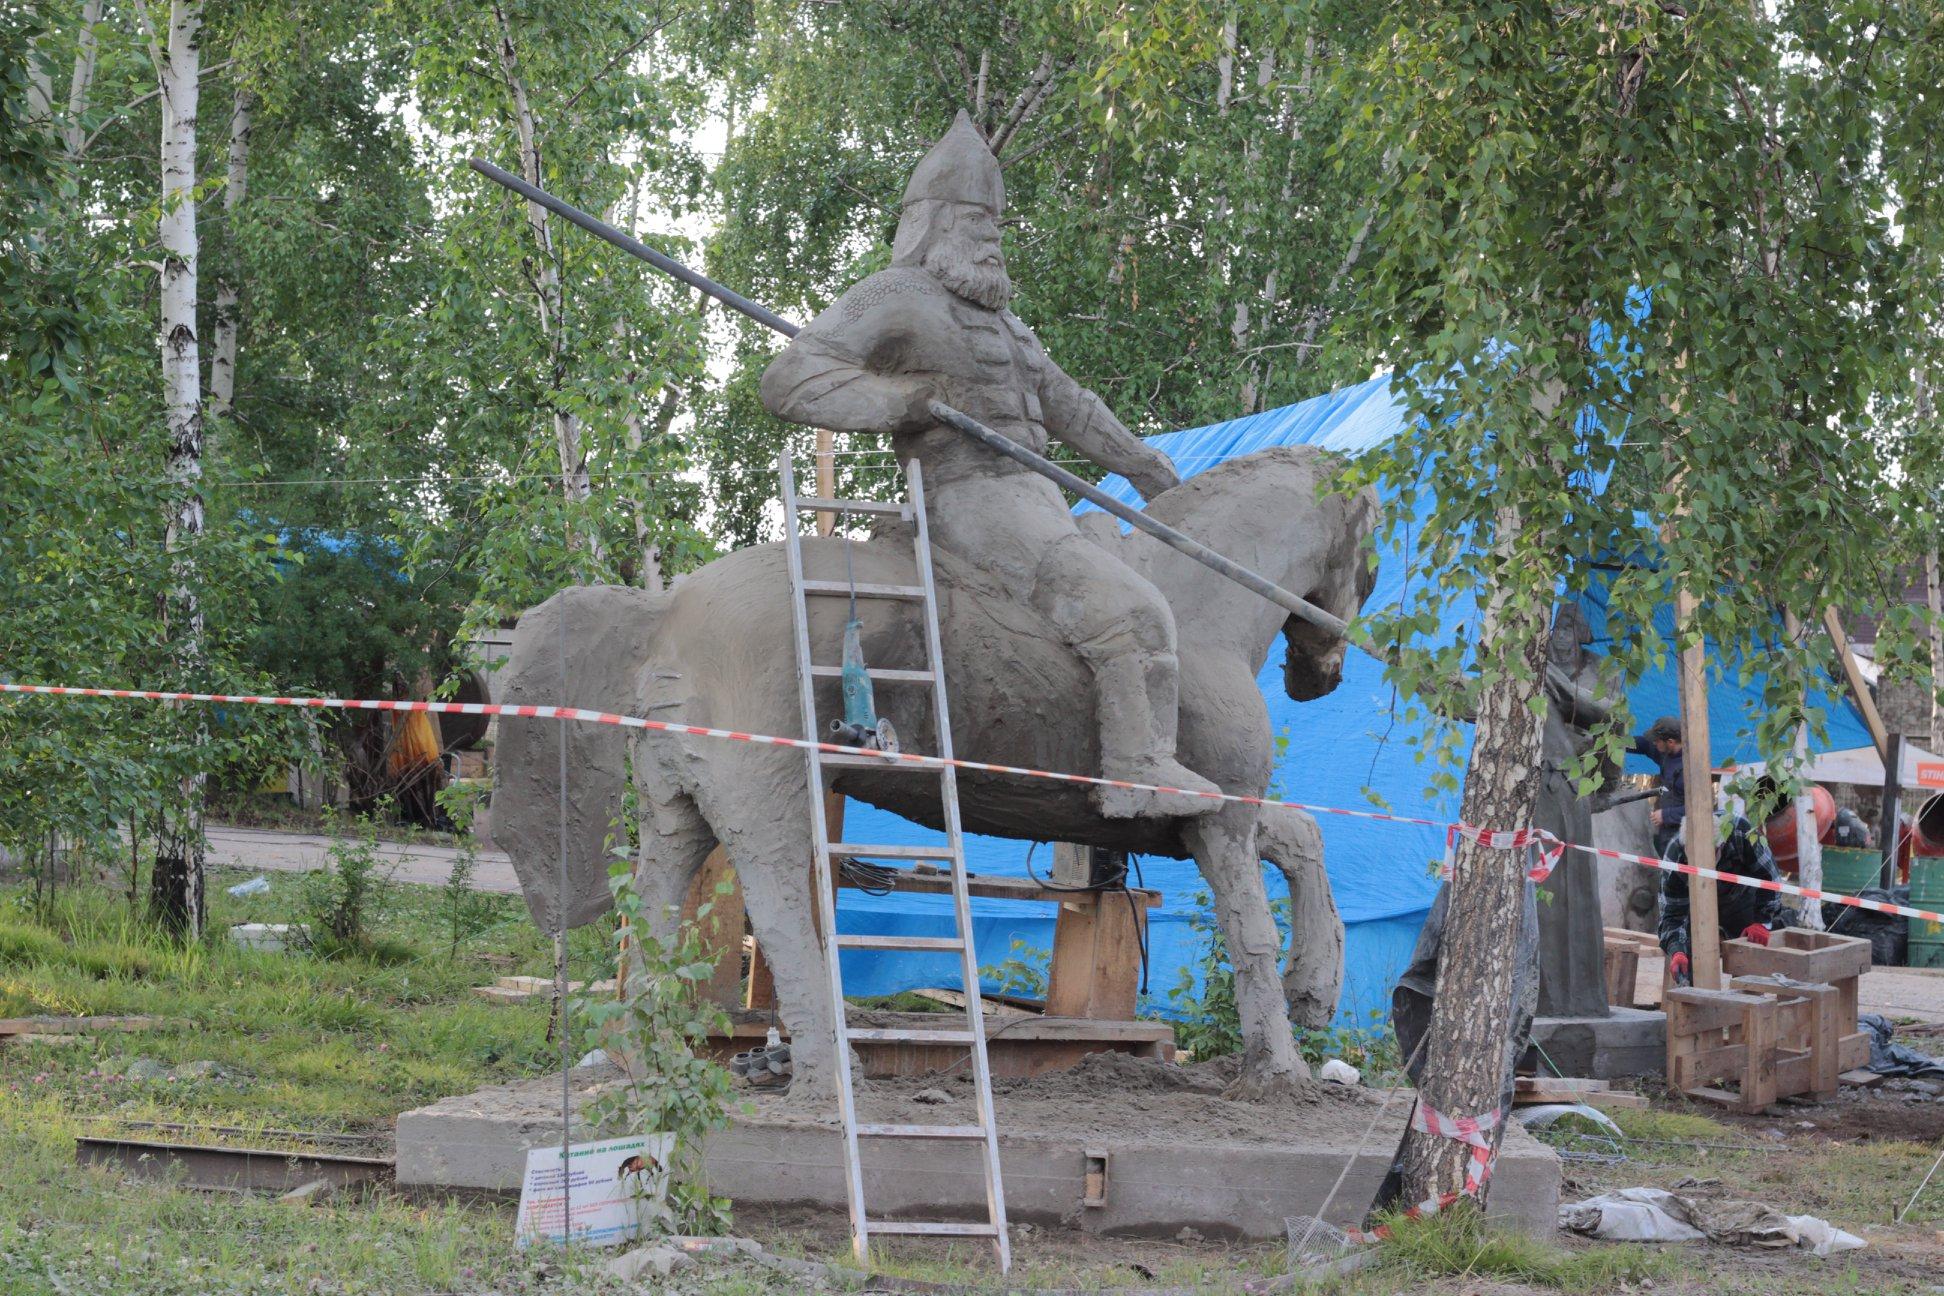 Фестиваль бетонных скульптур 12 июля 2018 года